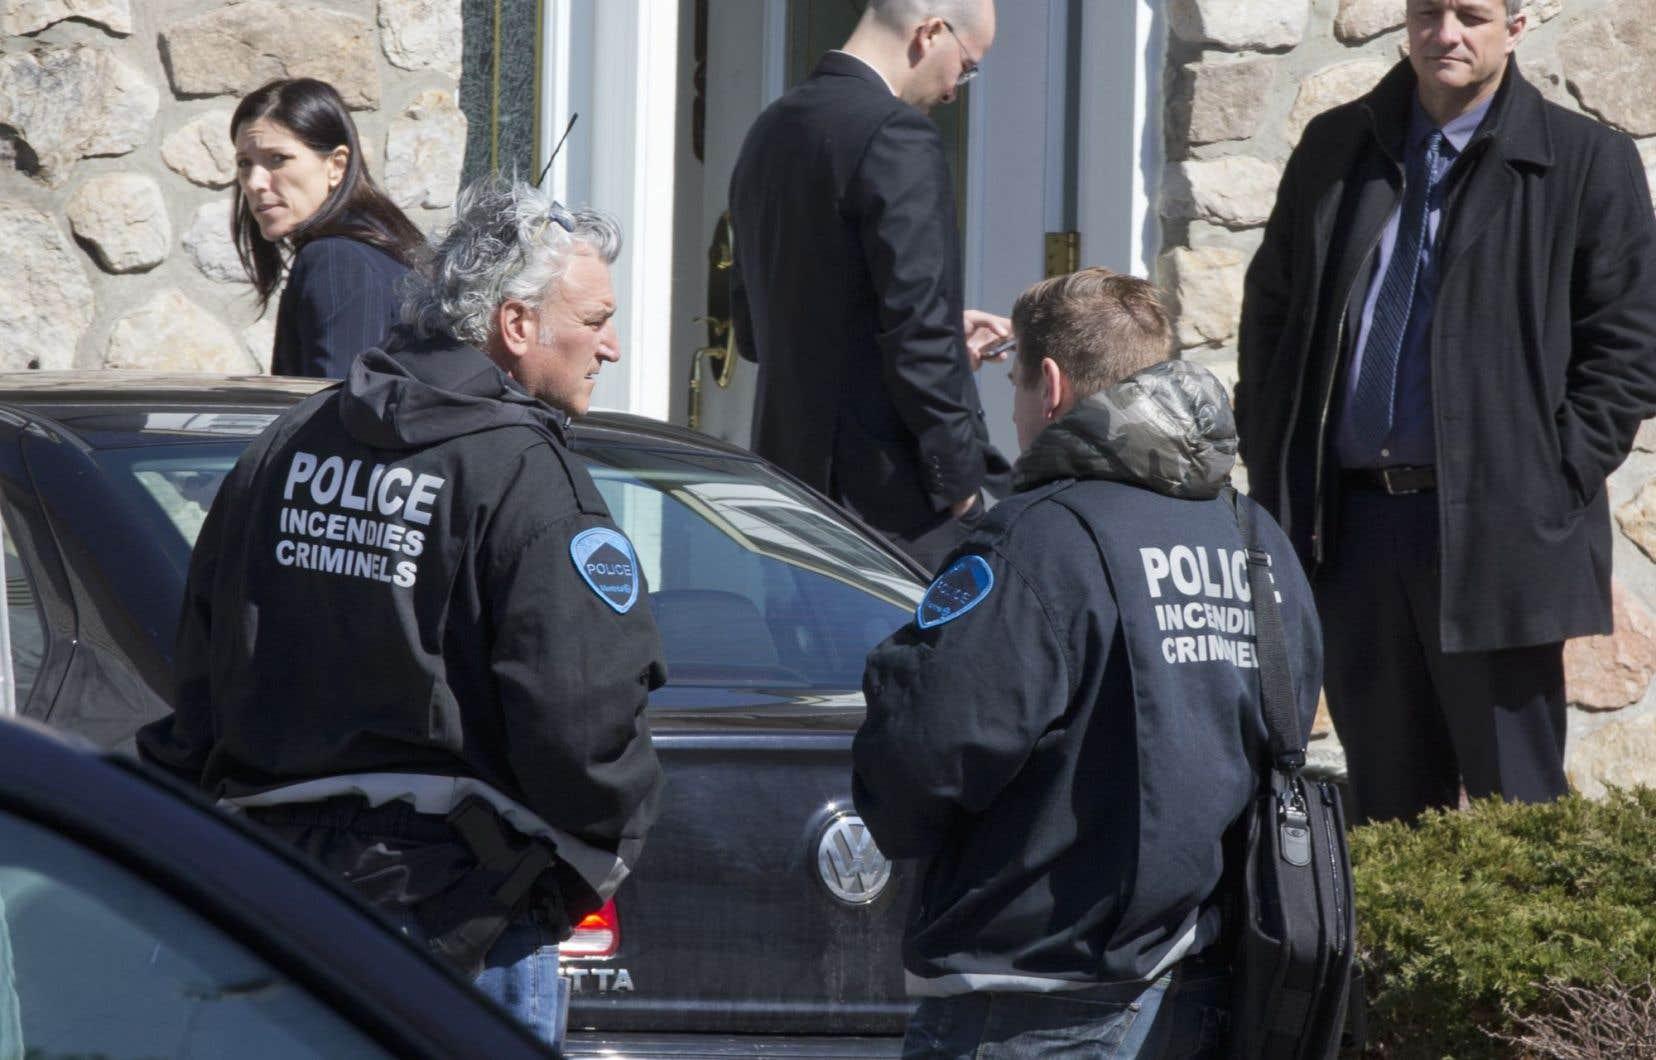 Les policiers ont interpellé deux résidents et procédé à la fouille de leur résidence afin de déterminer si les craintes étaient fondées ou s'il s'agissait d'un canular.